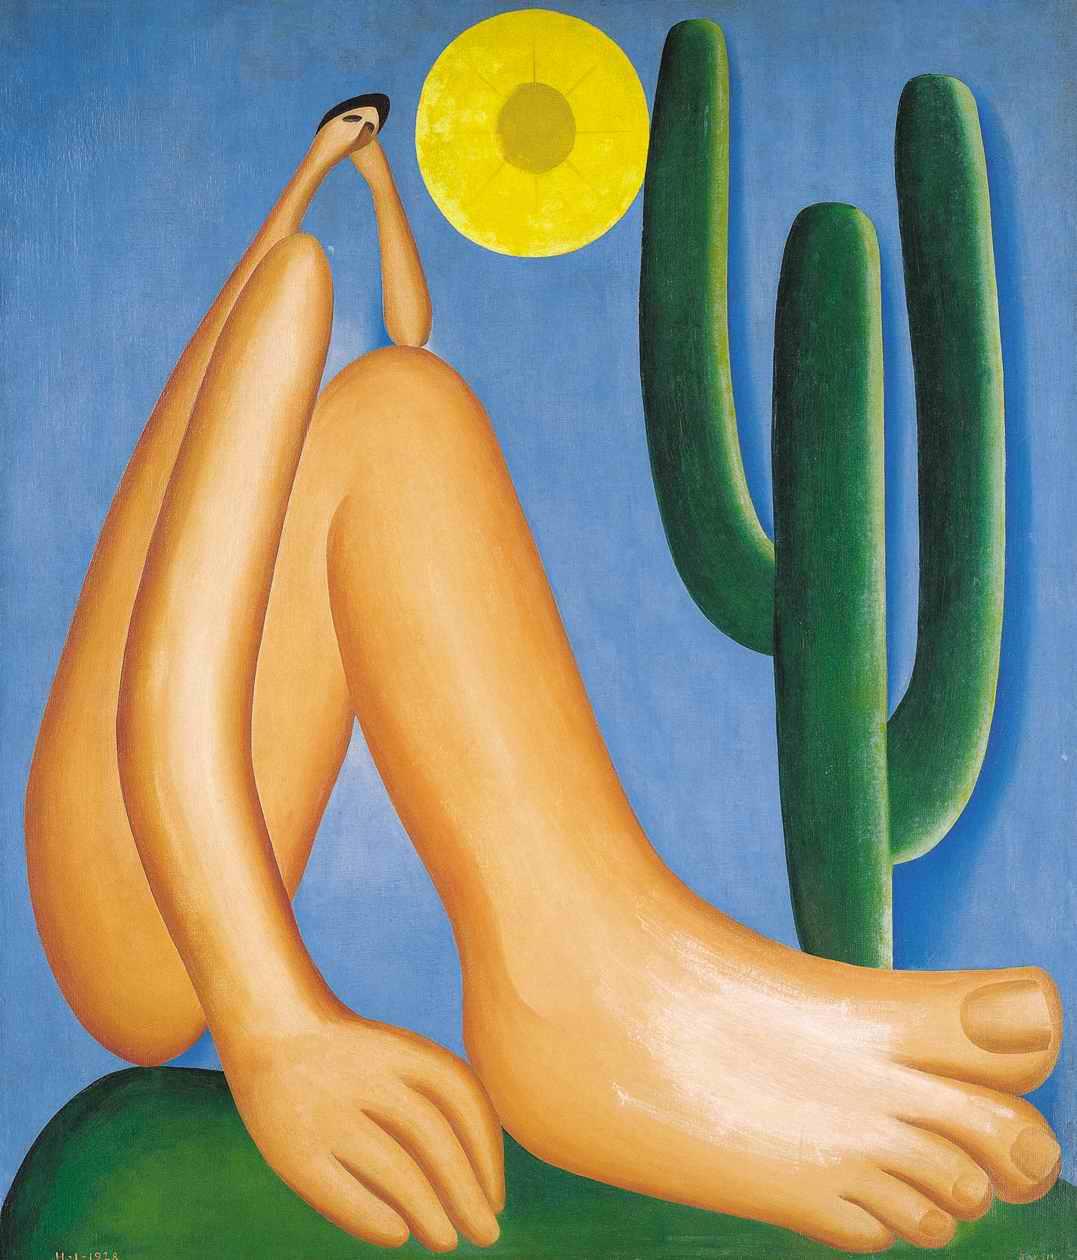 Abaporu, 1928 - Tarsila do Amaral